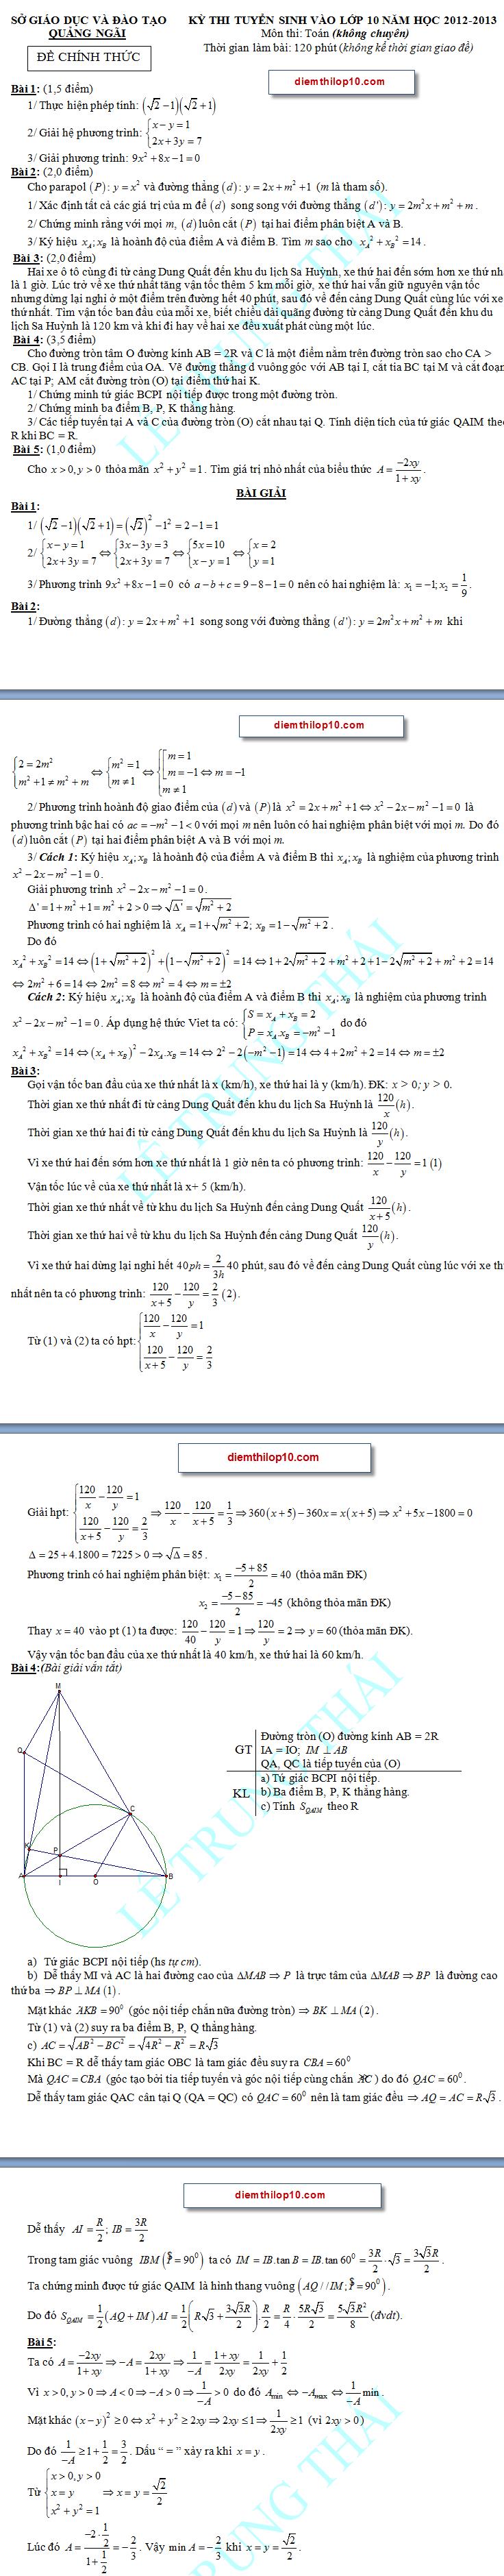 Điểm thi lớp 10 năm 2012 7c5a98989937861dedb07c6e5ca60e20 46609017.quangngai Đáp án đề thi môn toán lớp 10 QUẢNG NGÃI năm 2012